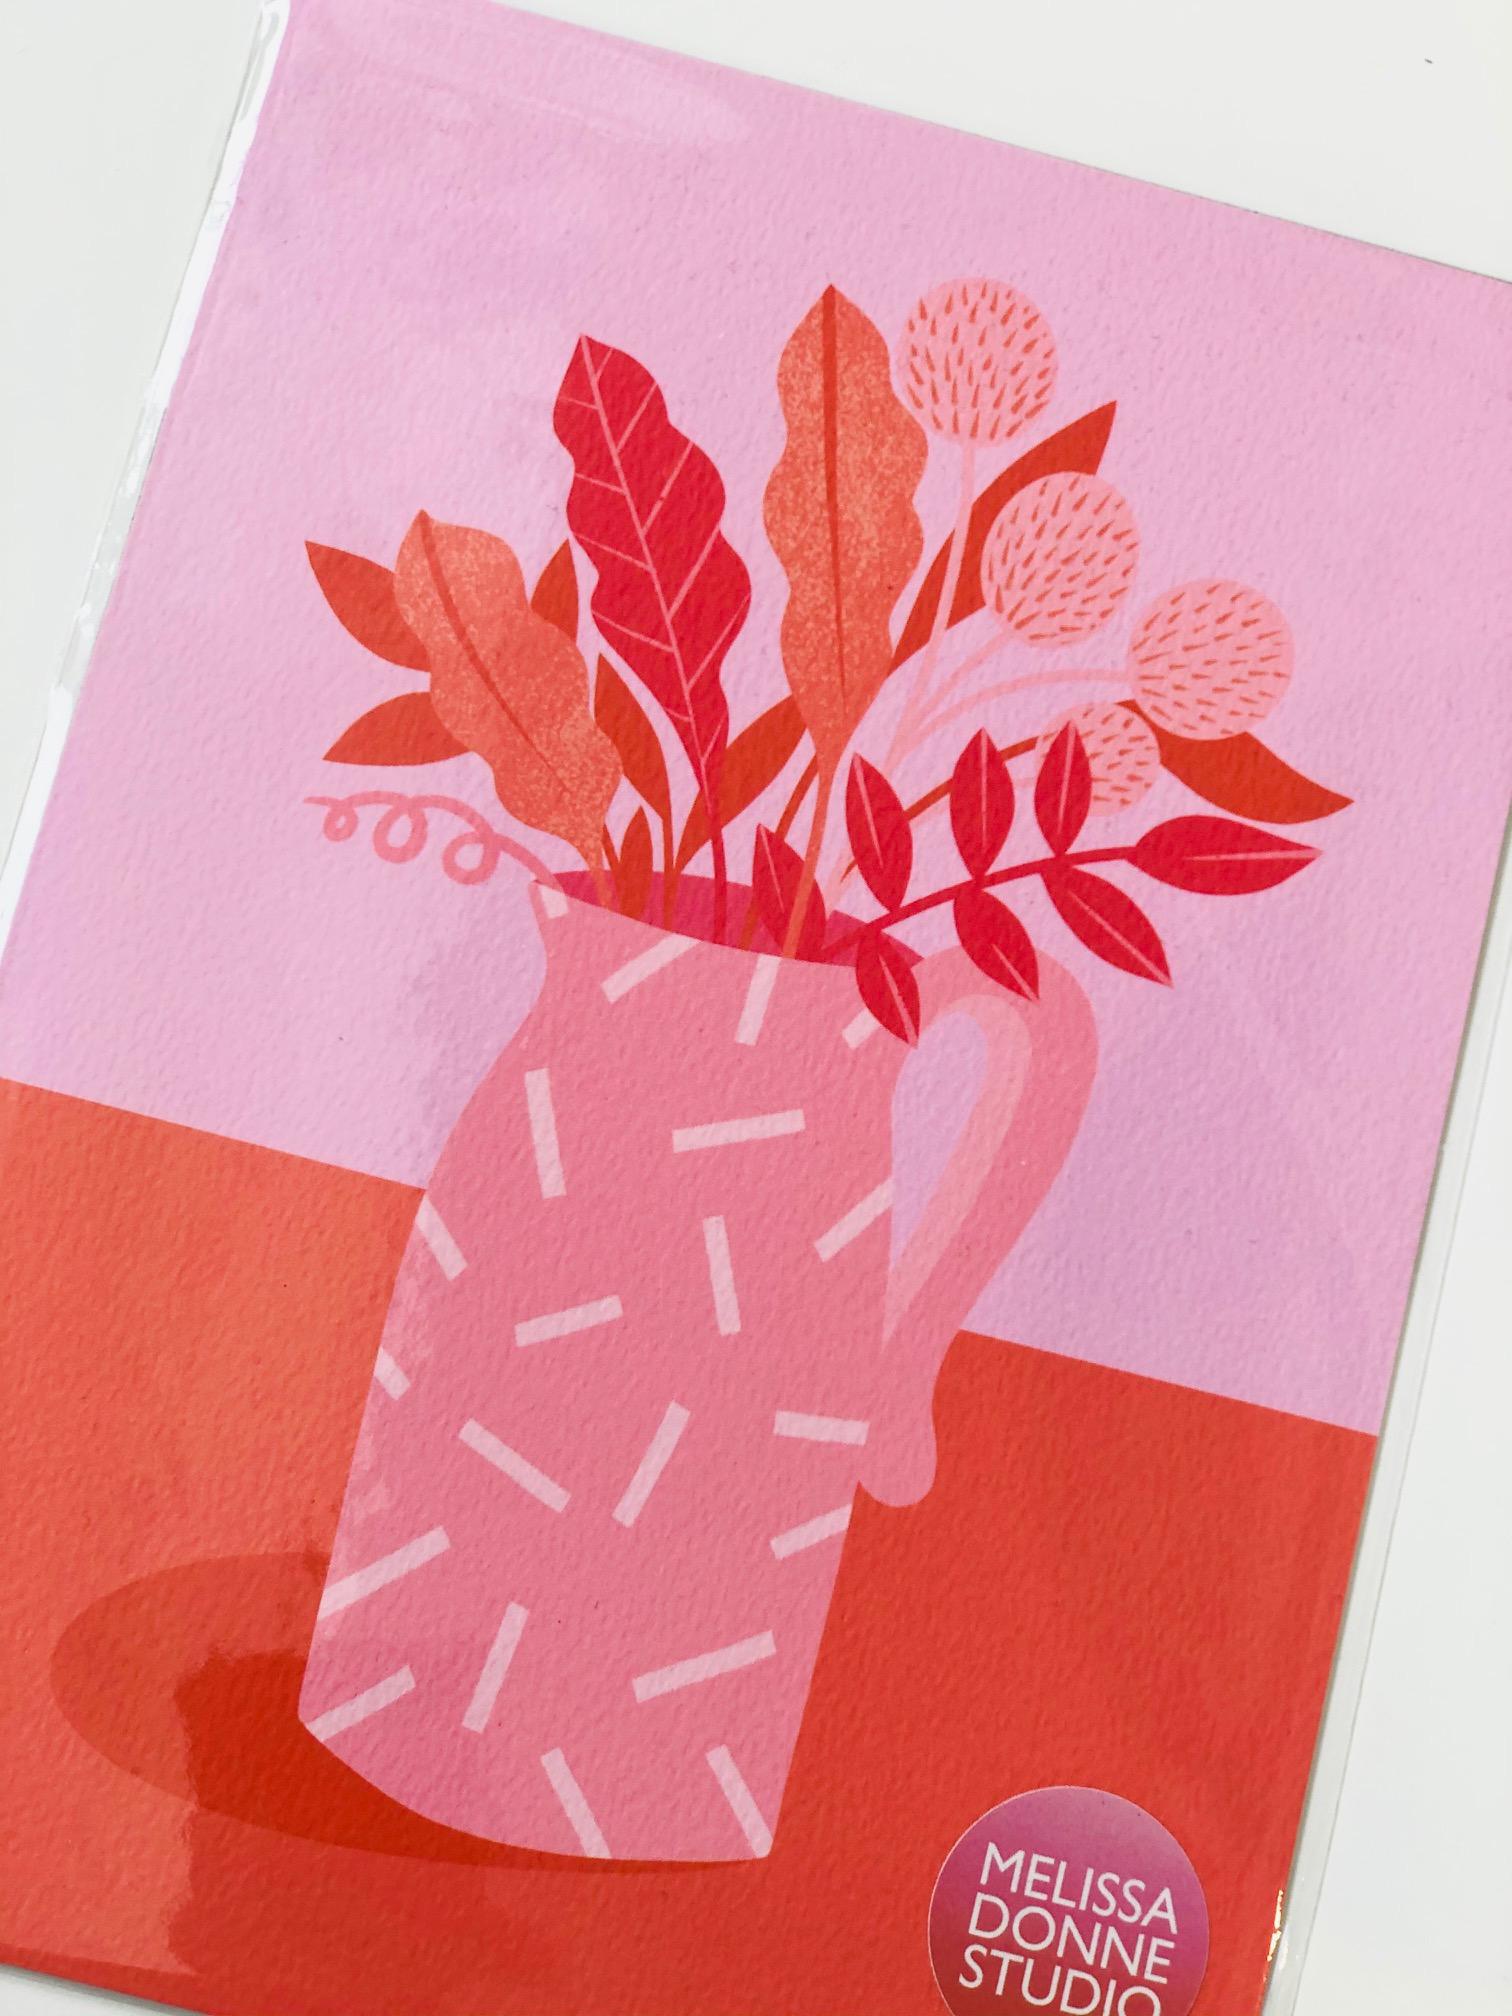 A3 Digital Print 'Leaves in Jug' by Melissa Donne